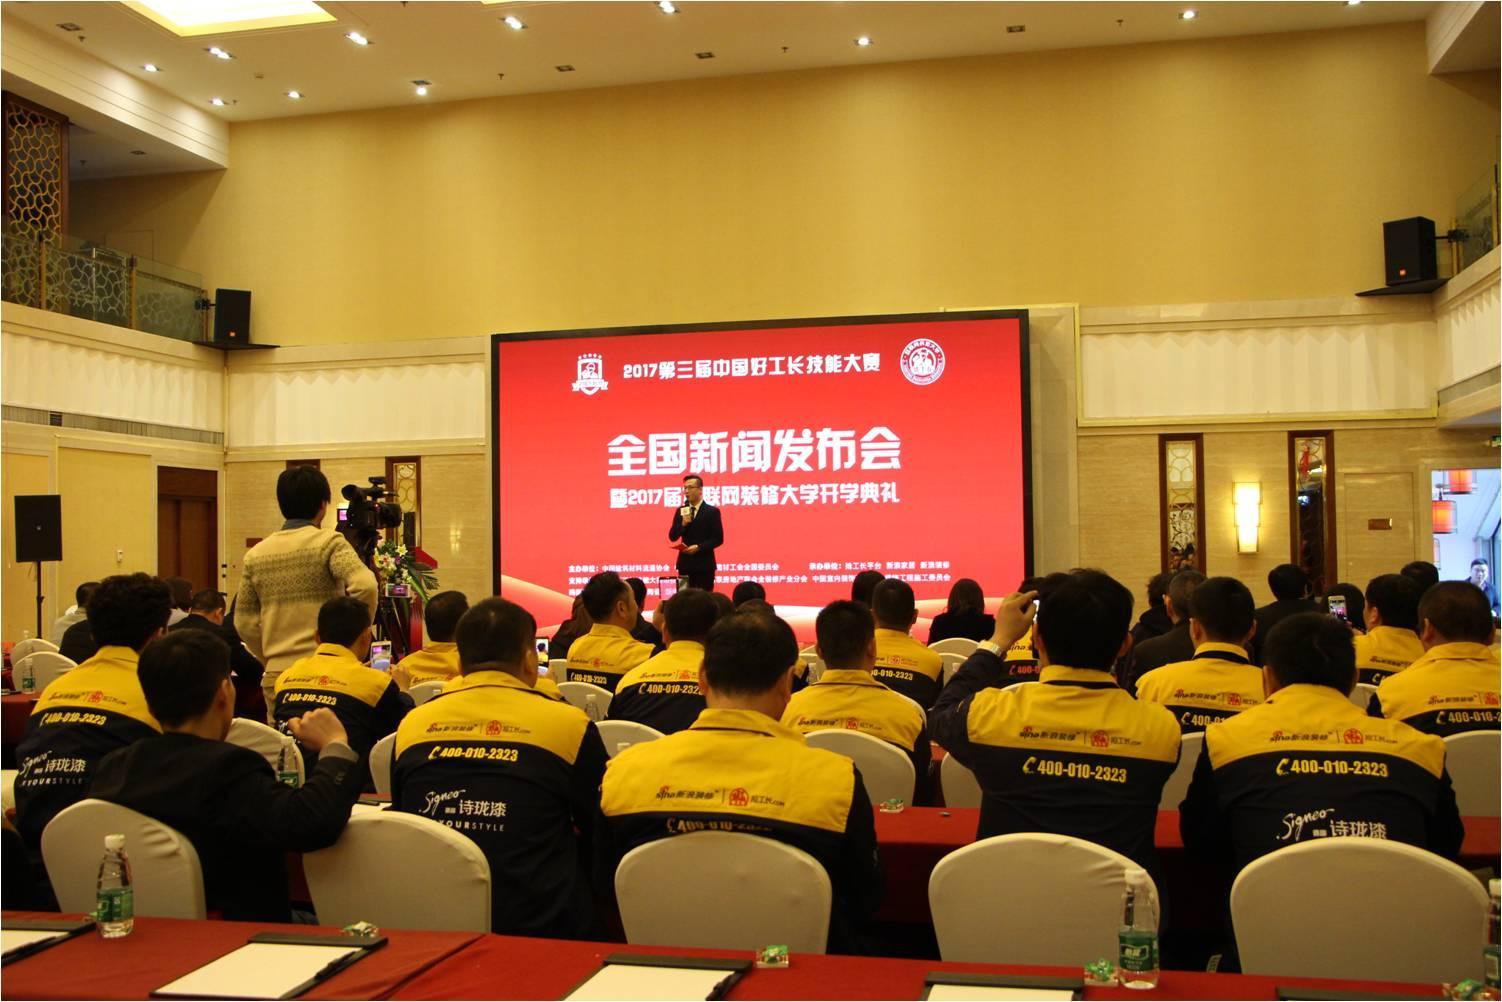 装修技能大比拼 第三届中国好工长技能大赛启动